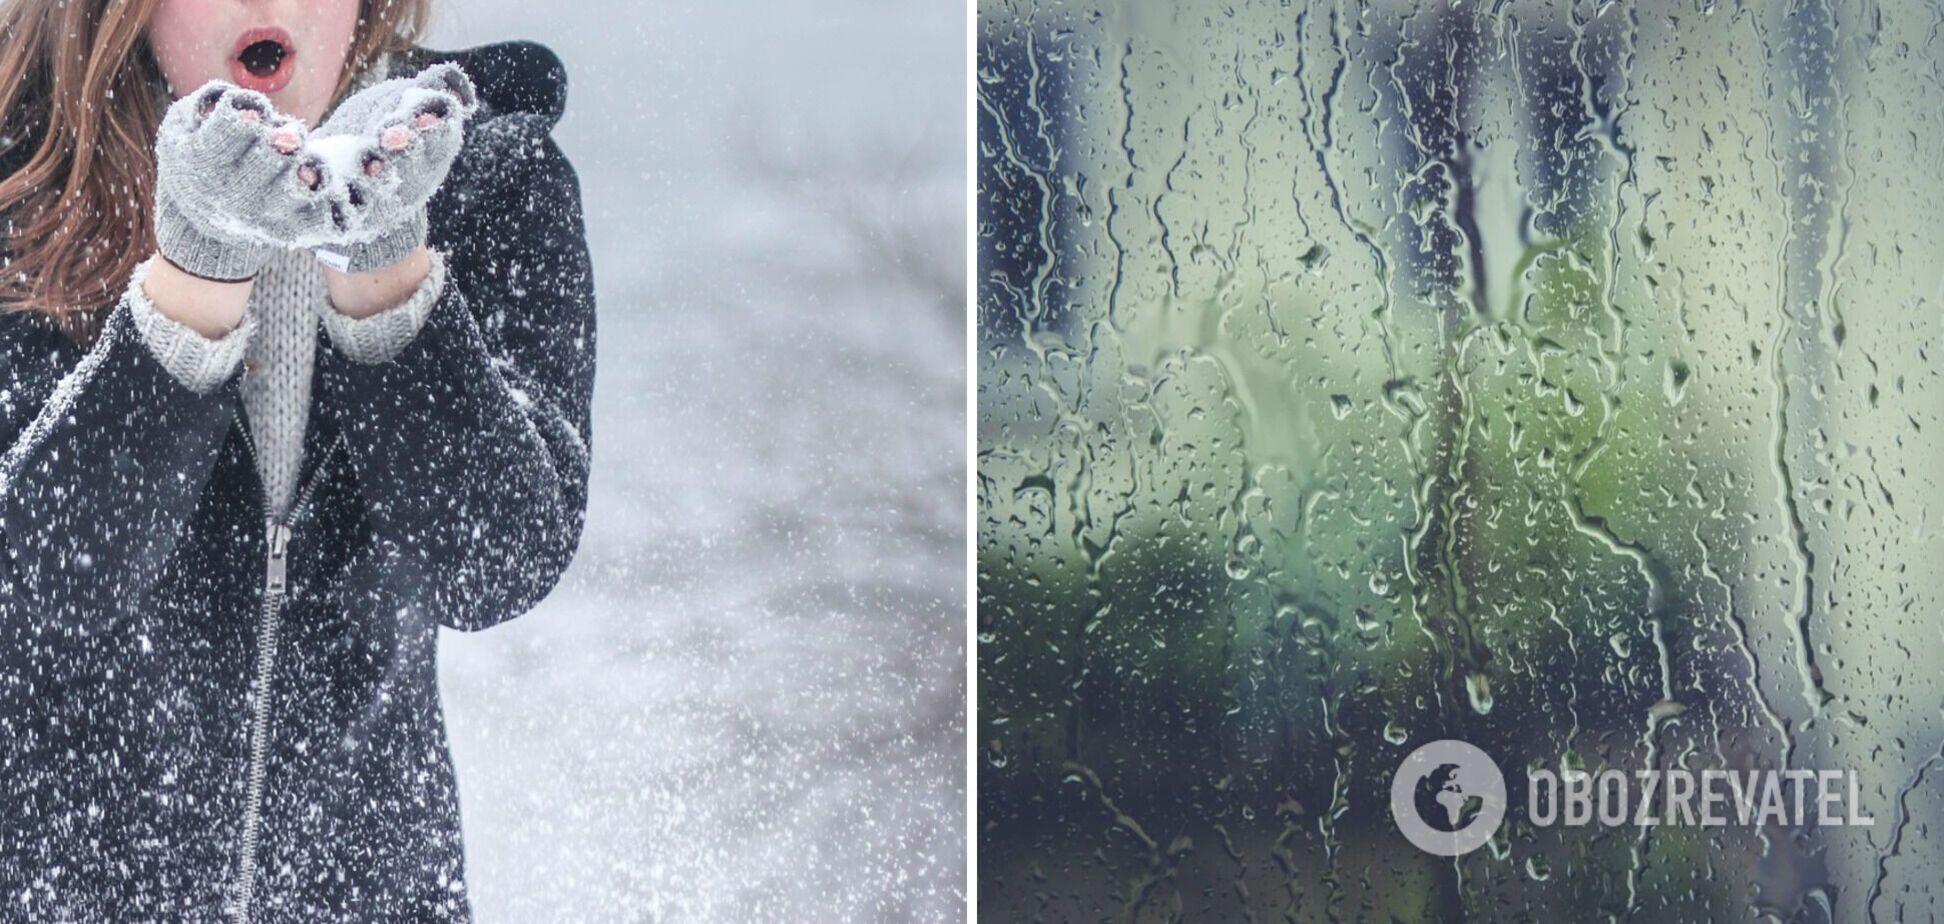 Новий циклон принесе в Україну сніг і дощі: синоптикиня уточнила прогноз